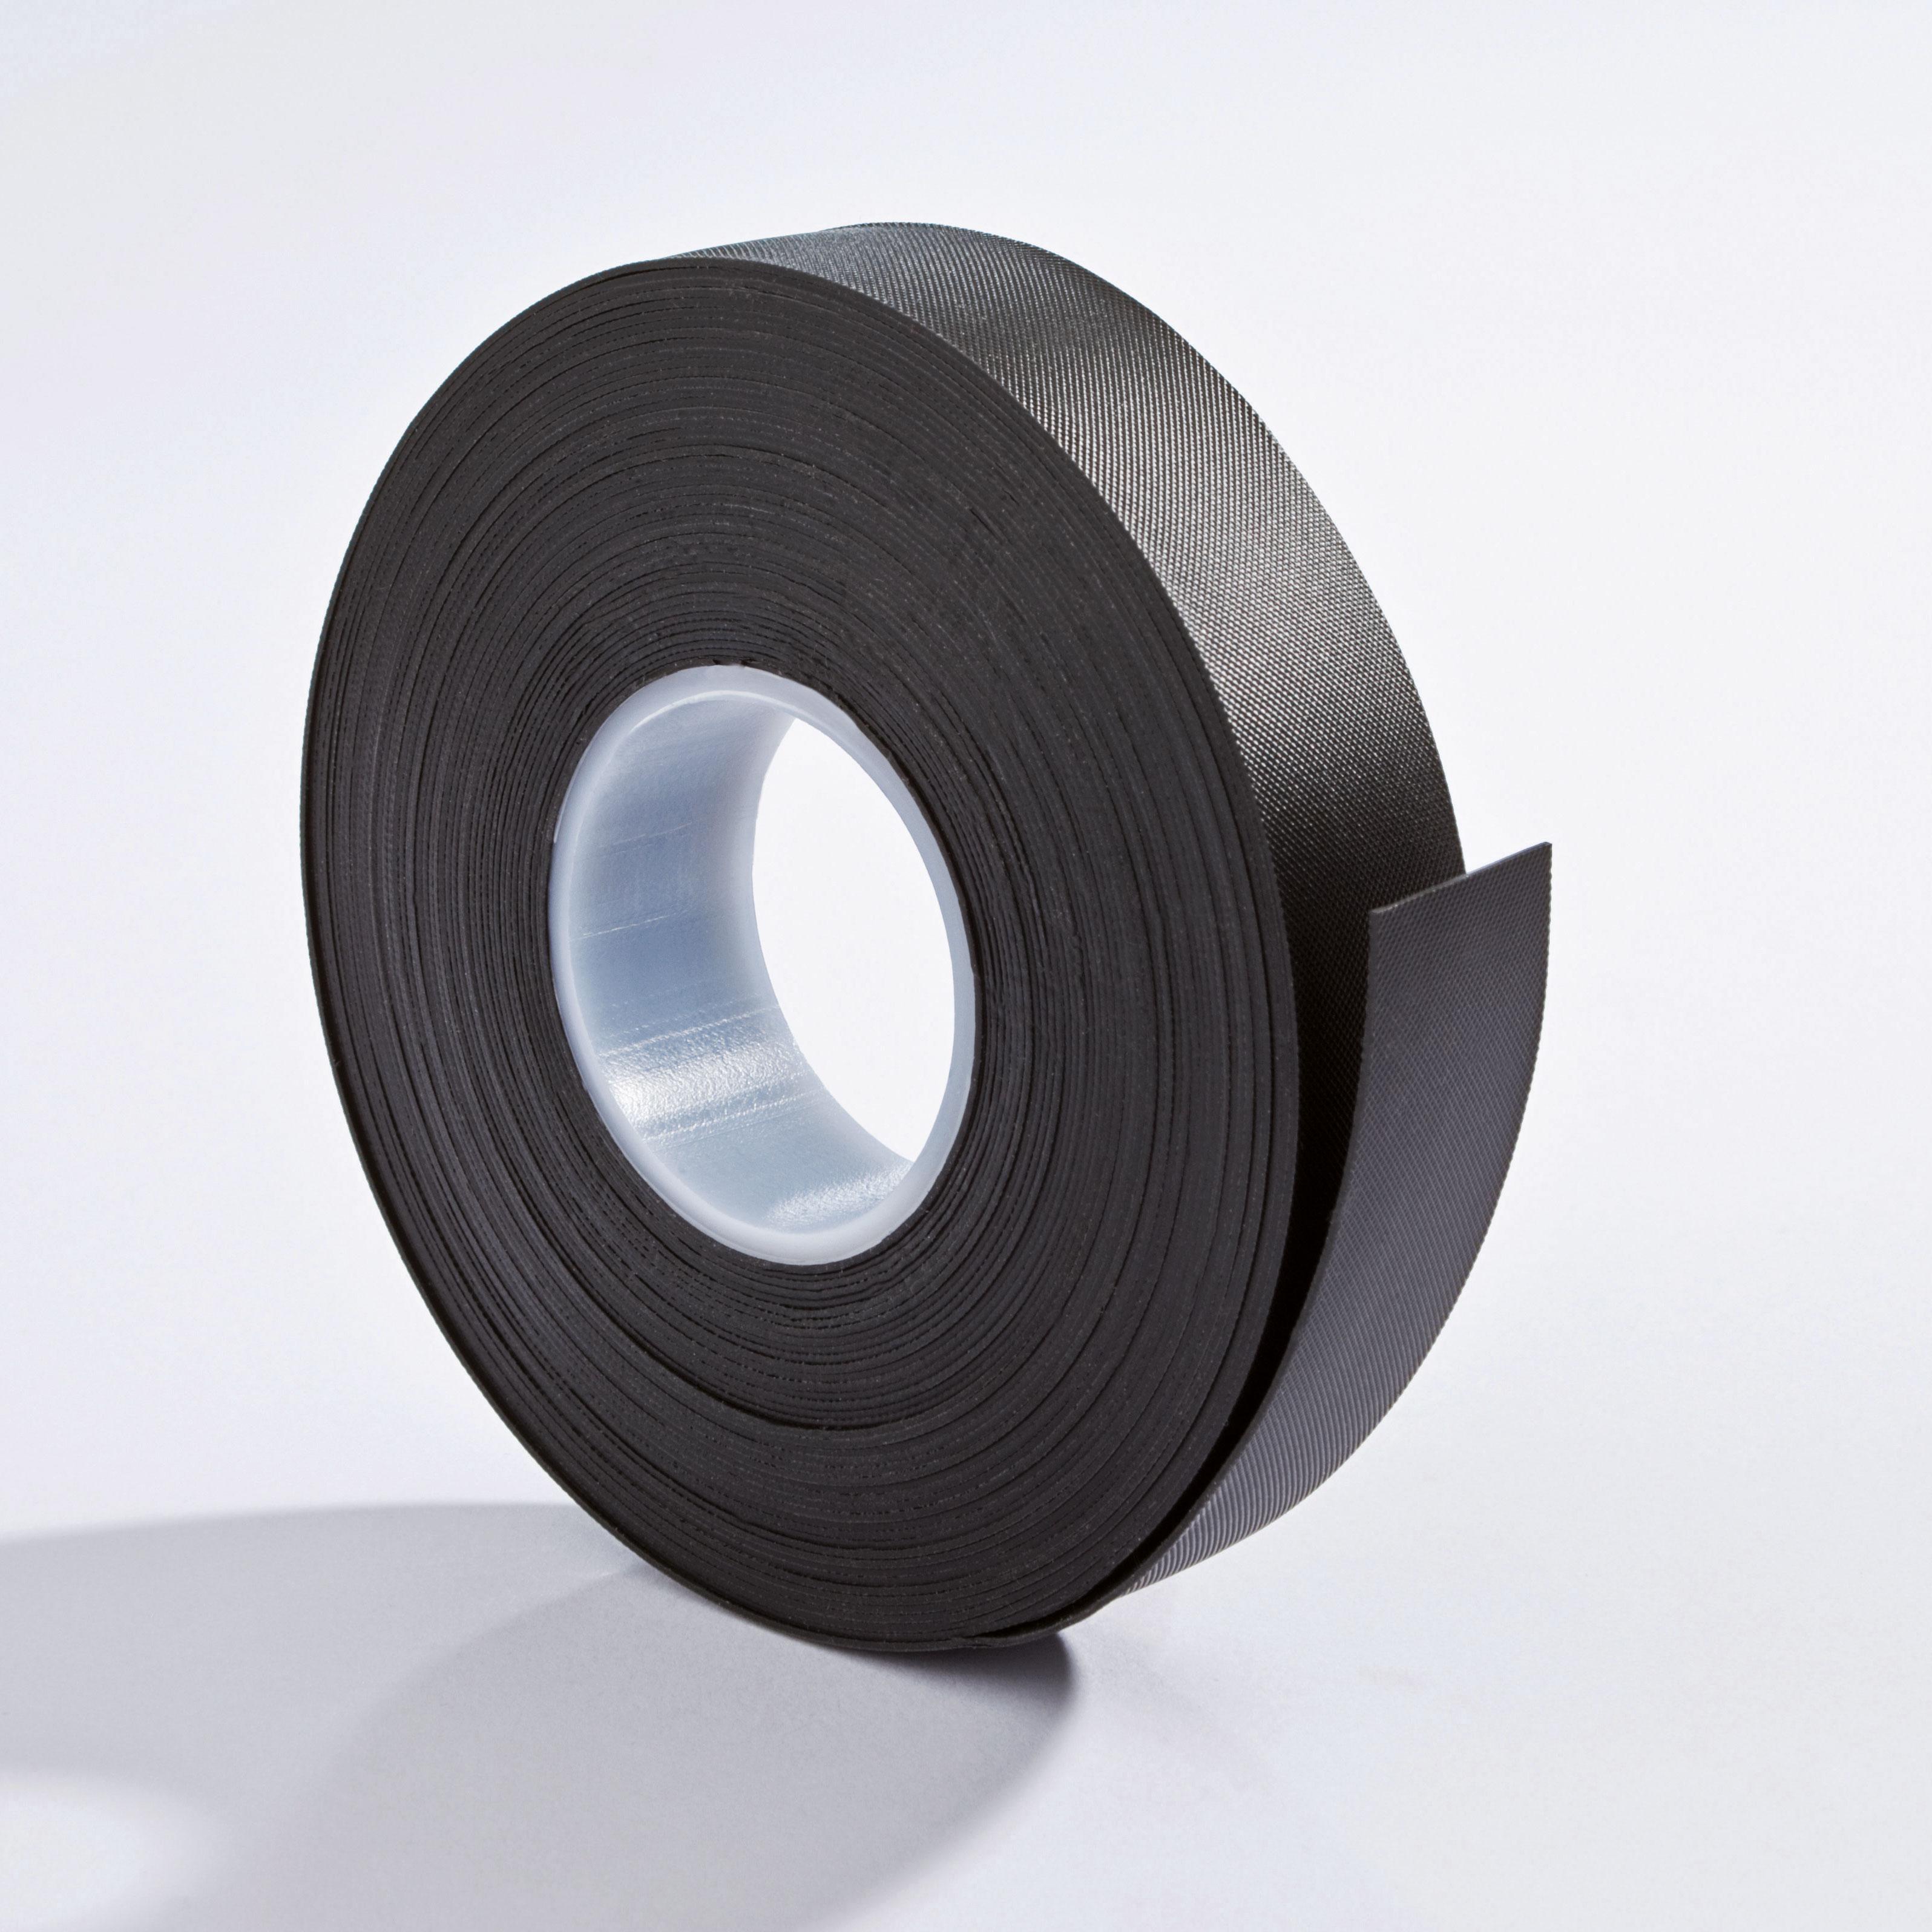 selbstverschwei endes vielzweck klebeband g nstig bei. Black Bedroom Furniture Sets. Home Design Ideas